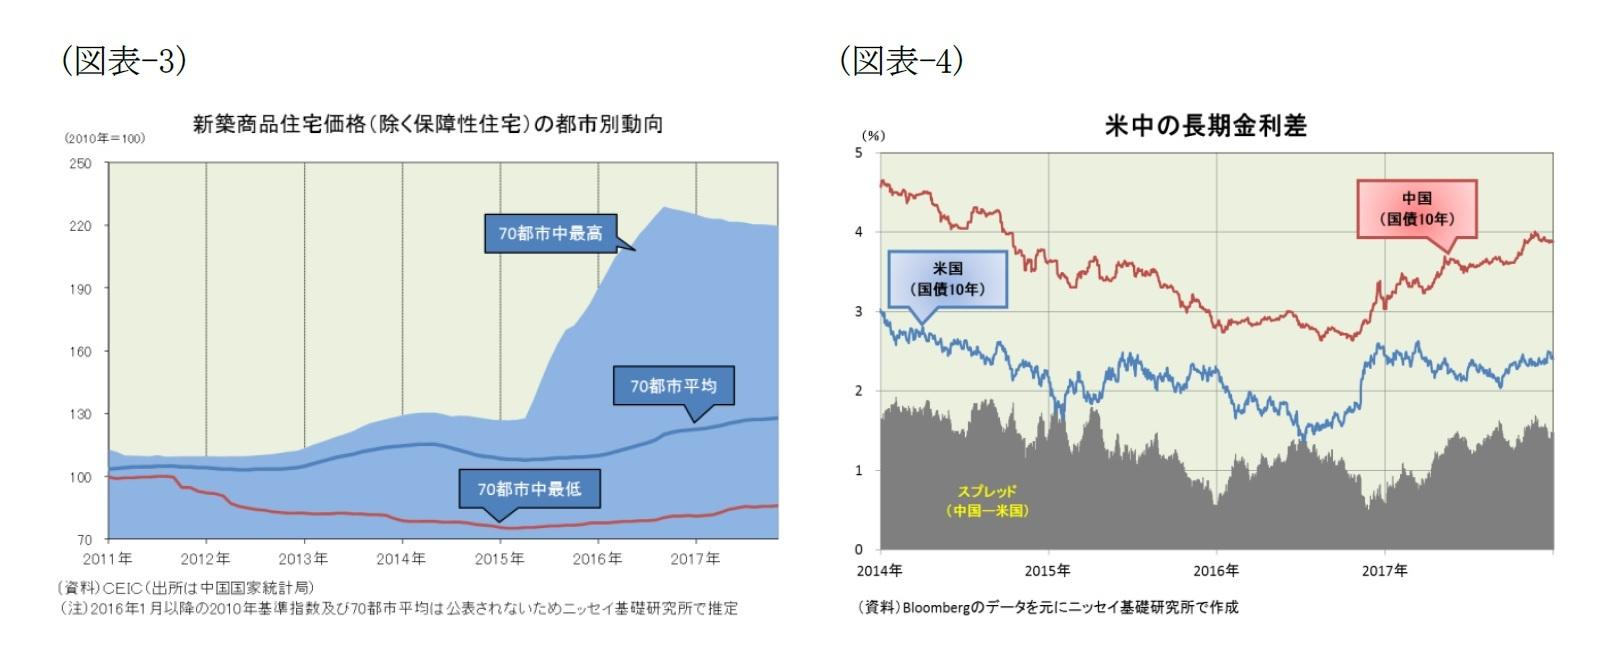 (図表-3)新築商品住宅価格(除く保障性住宅)の都市別動向/(図表-4)米中の長期金利差